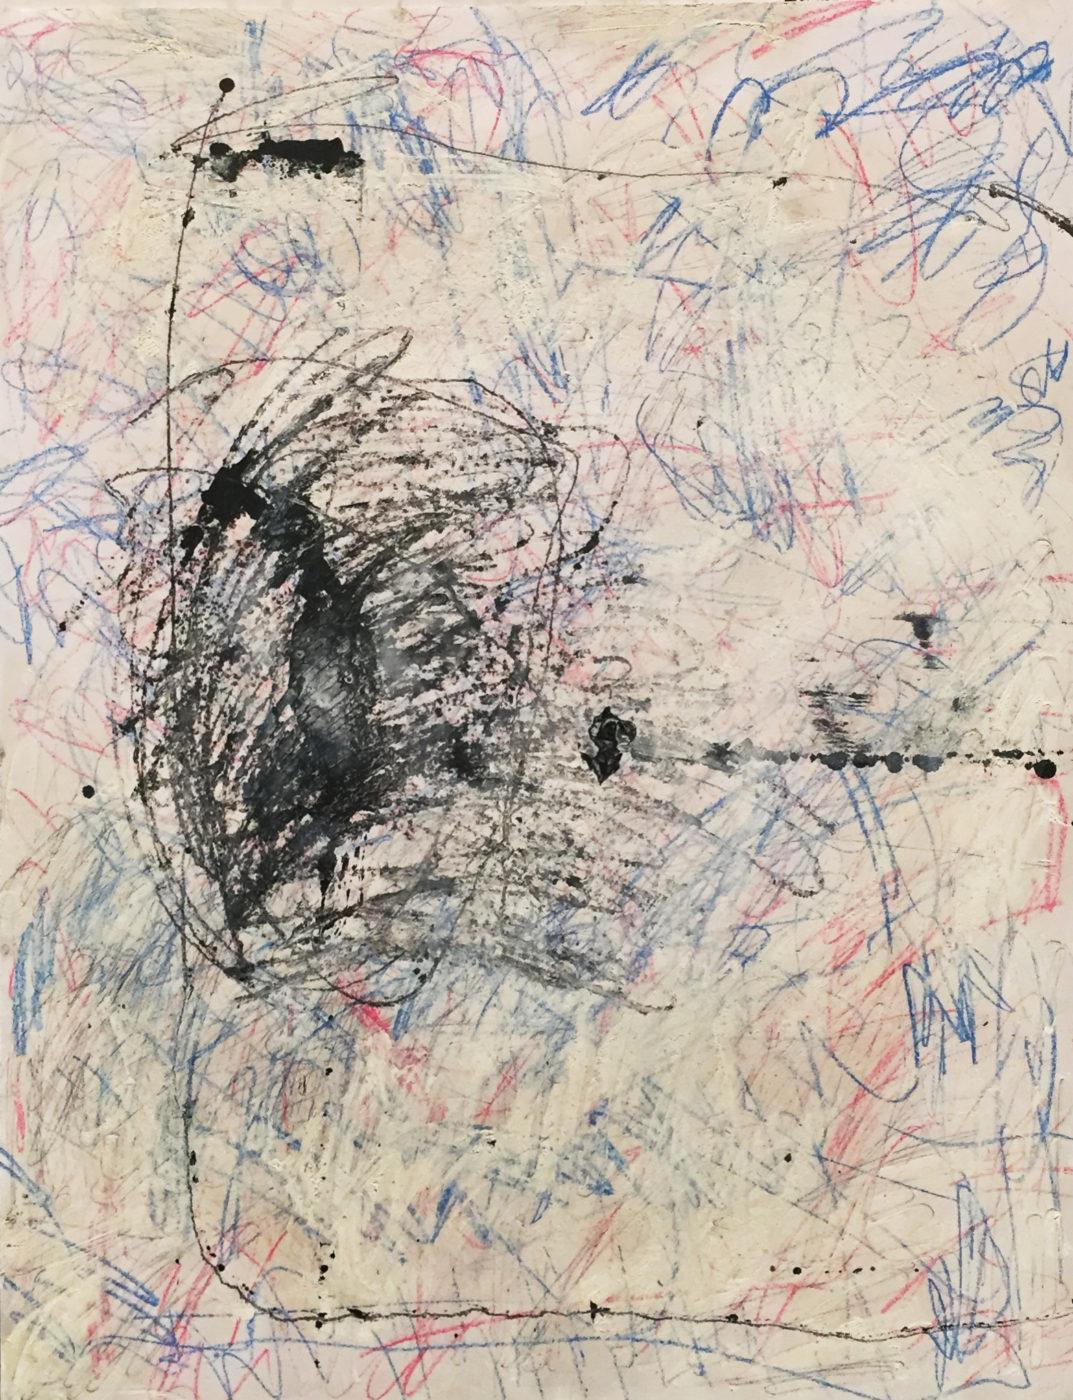 MARC FELD 2014 IMPROVISTE Huile et crayon de couleur sur papier  50 x 65 cm